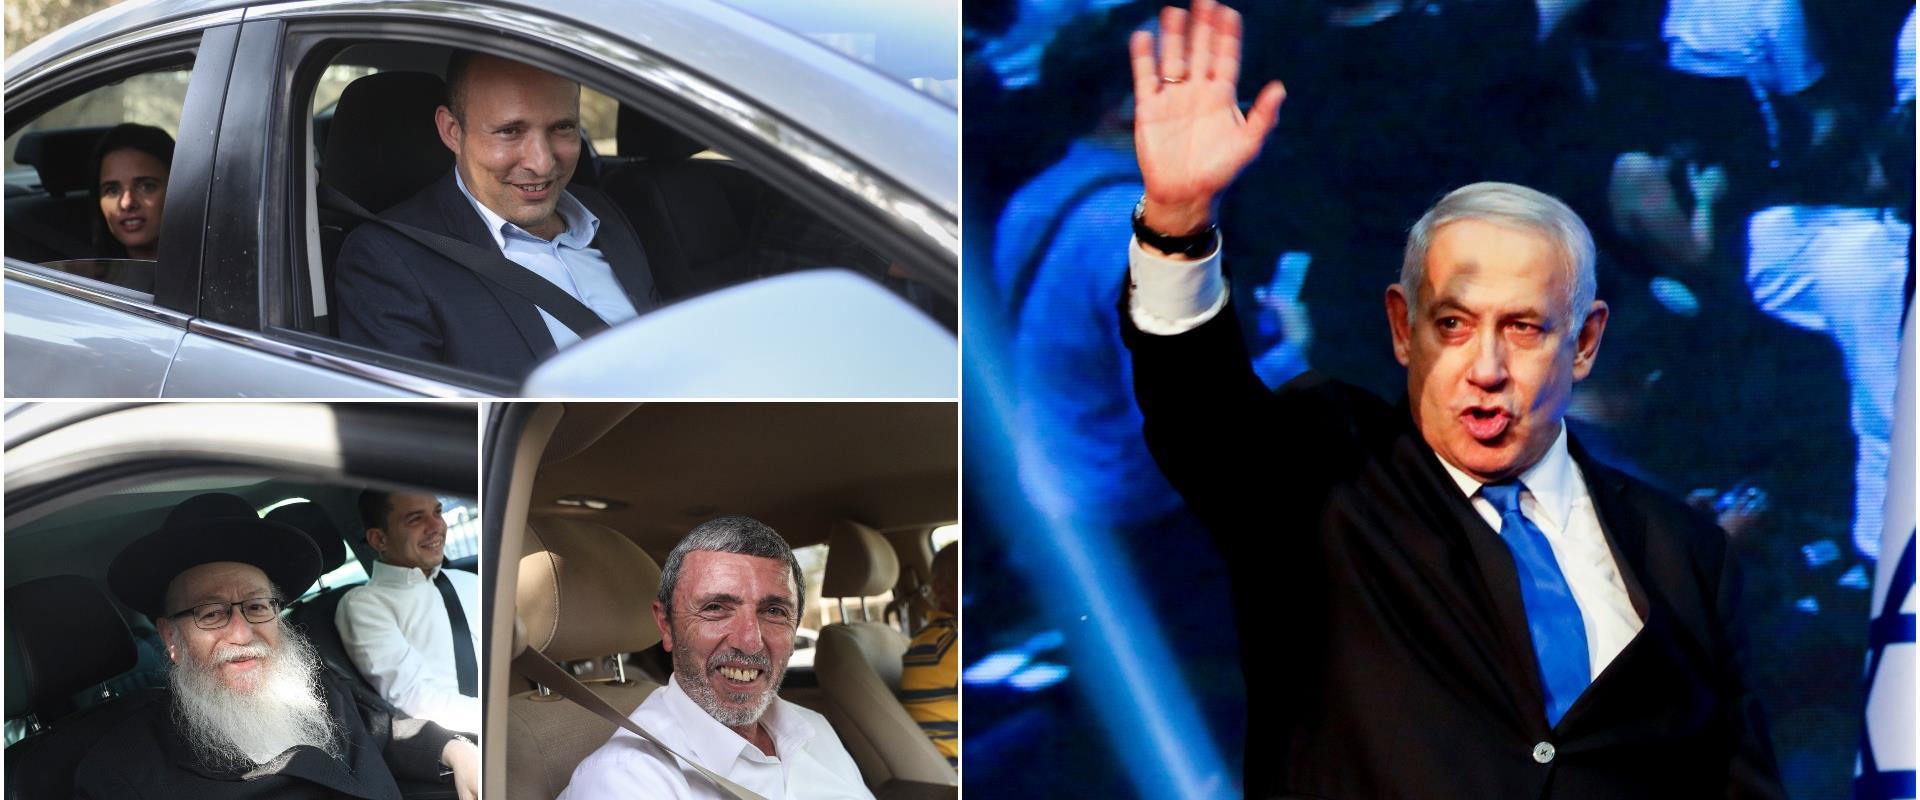 ראשי מפלגות הימין מגיעים לפגישה עם נתניהו